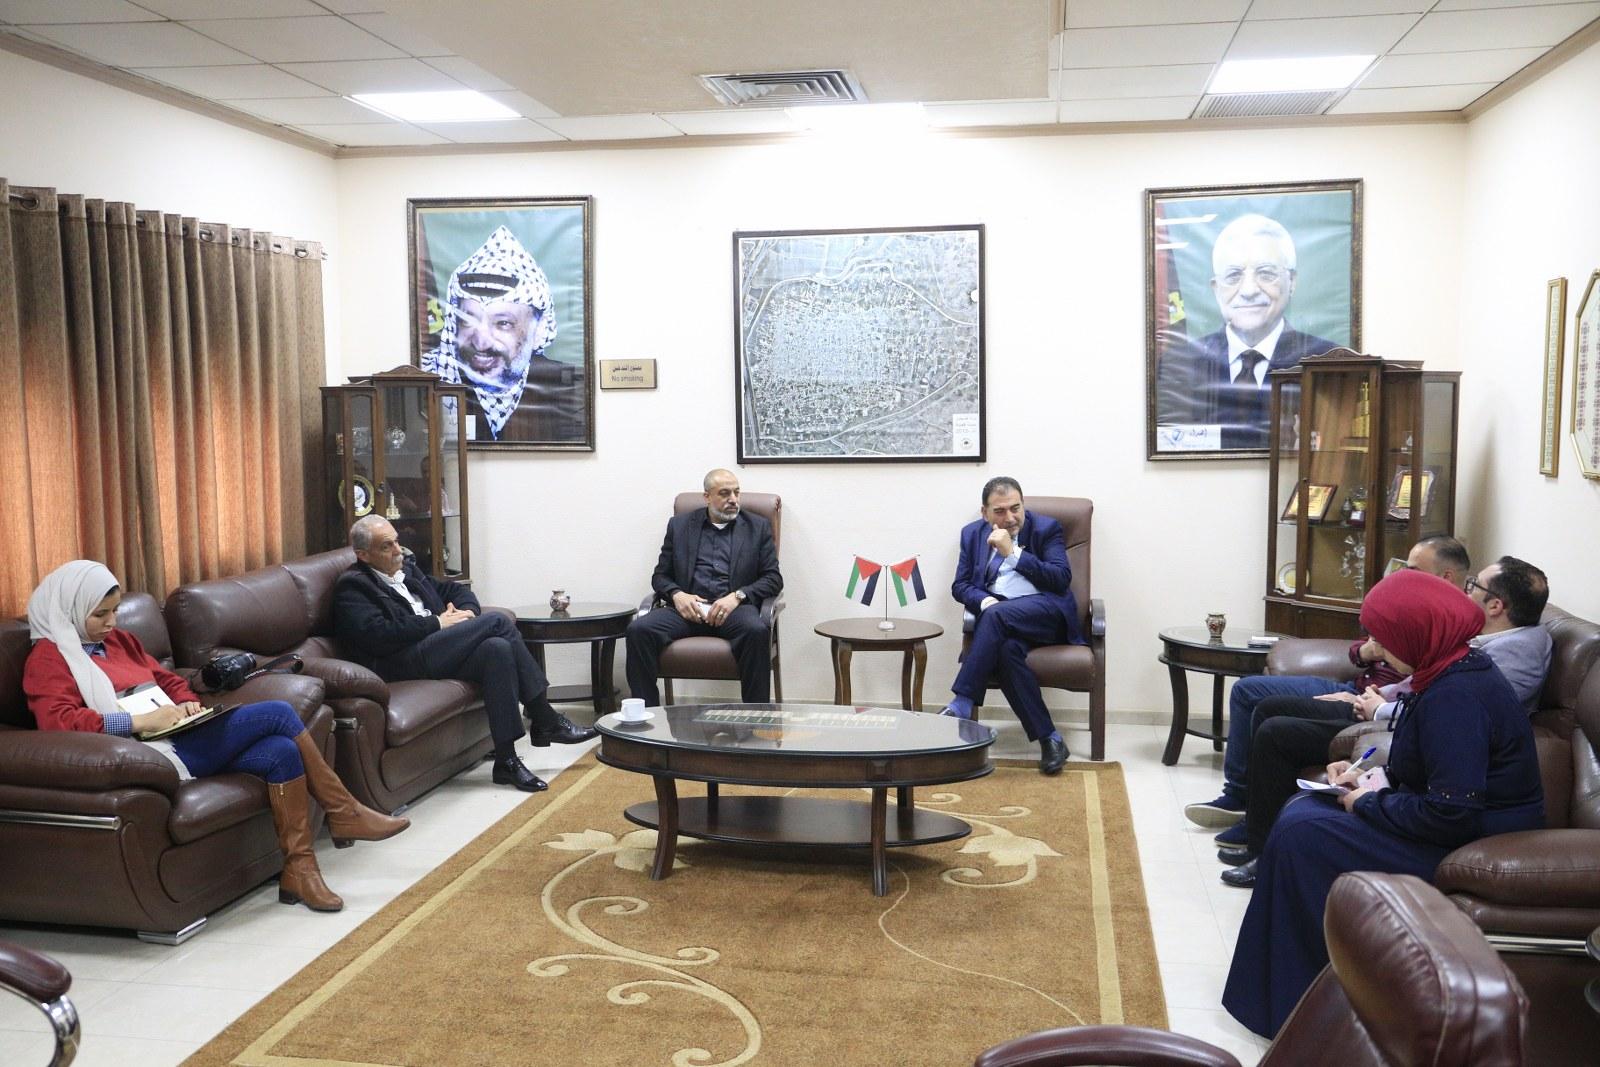 رئيس بلدية قلقيلية يستقبل وفدا من غرفة تجارة وصناعة محافظة قلقيلية